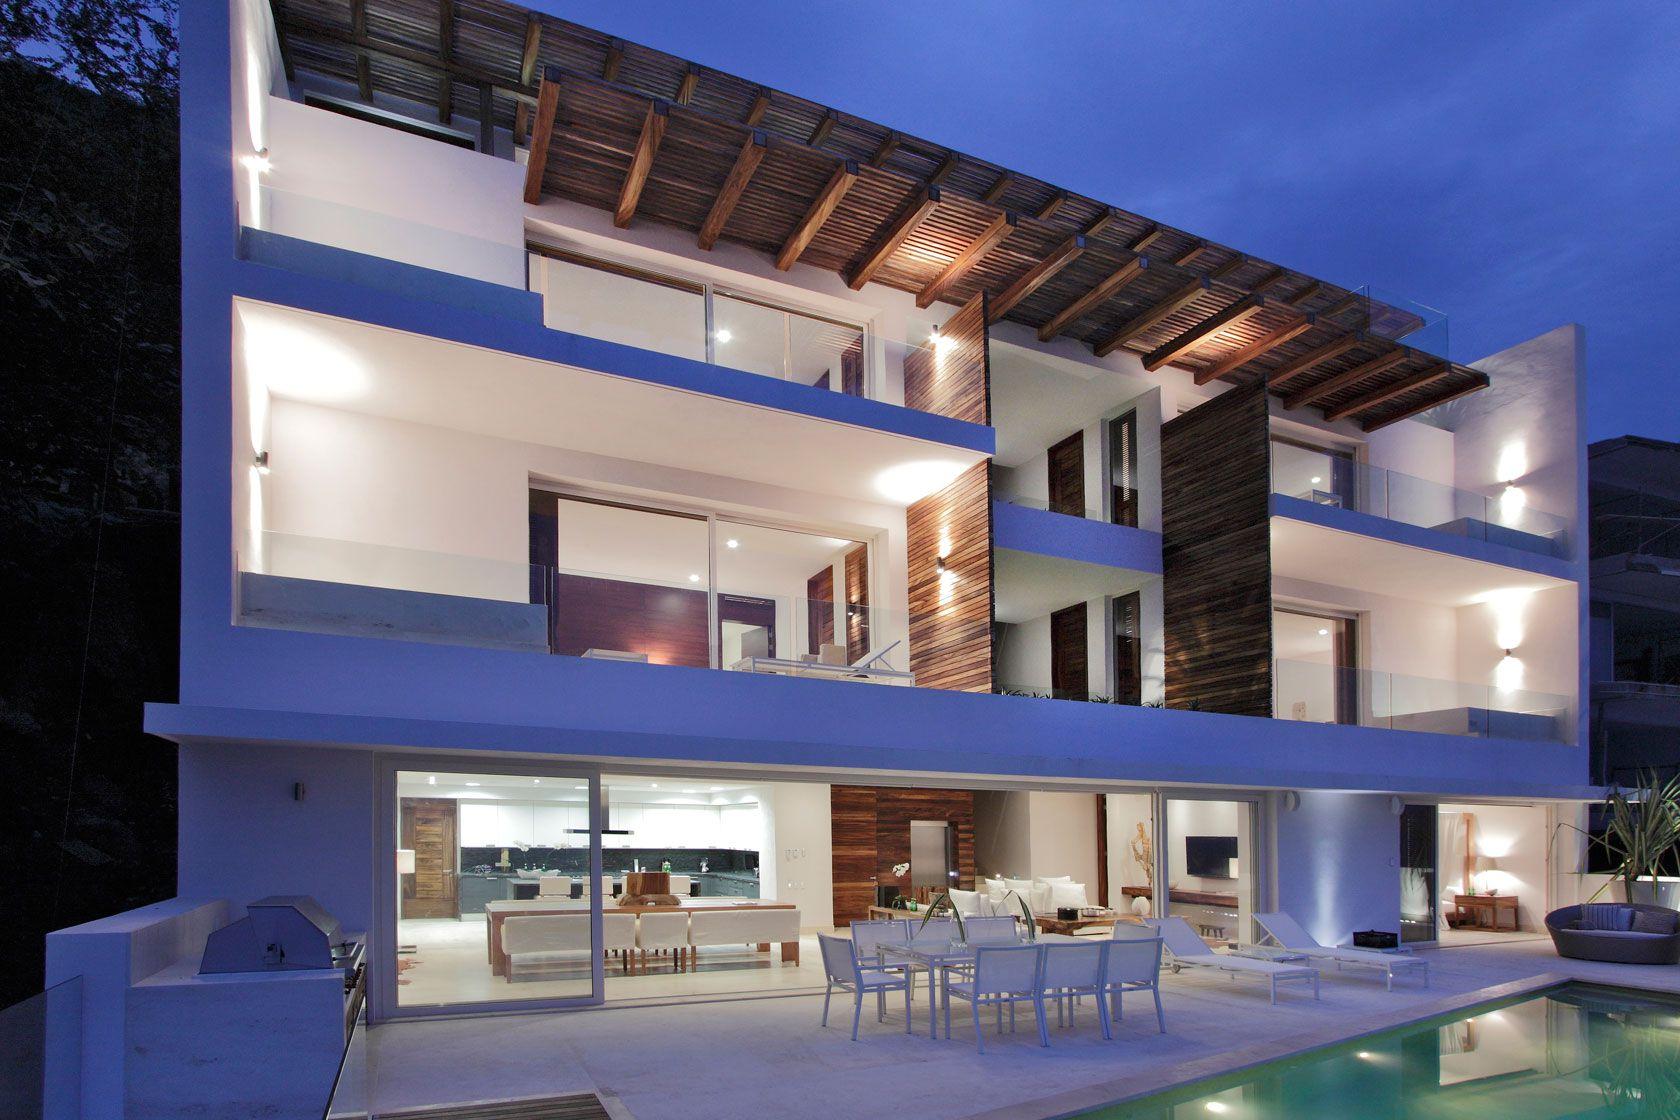 Casa Almare by Elías Rizo Arquitectos